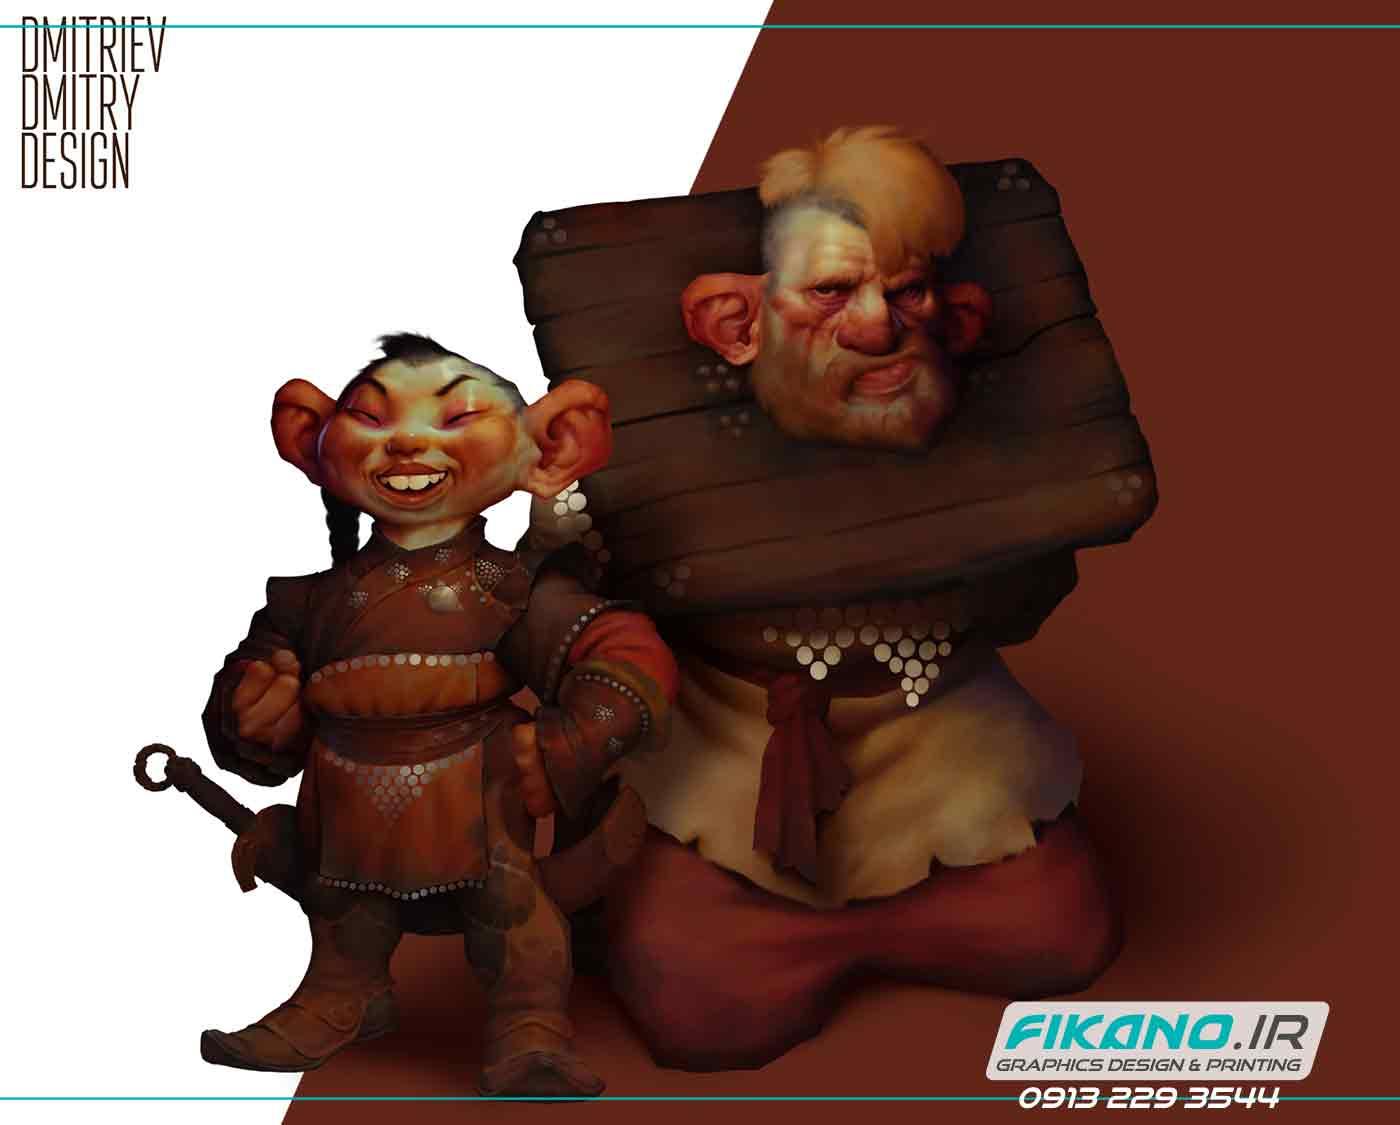 سفارش تصویر سازی و طراحی کاراکتر - سایت فیکانو www.fikano.ir